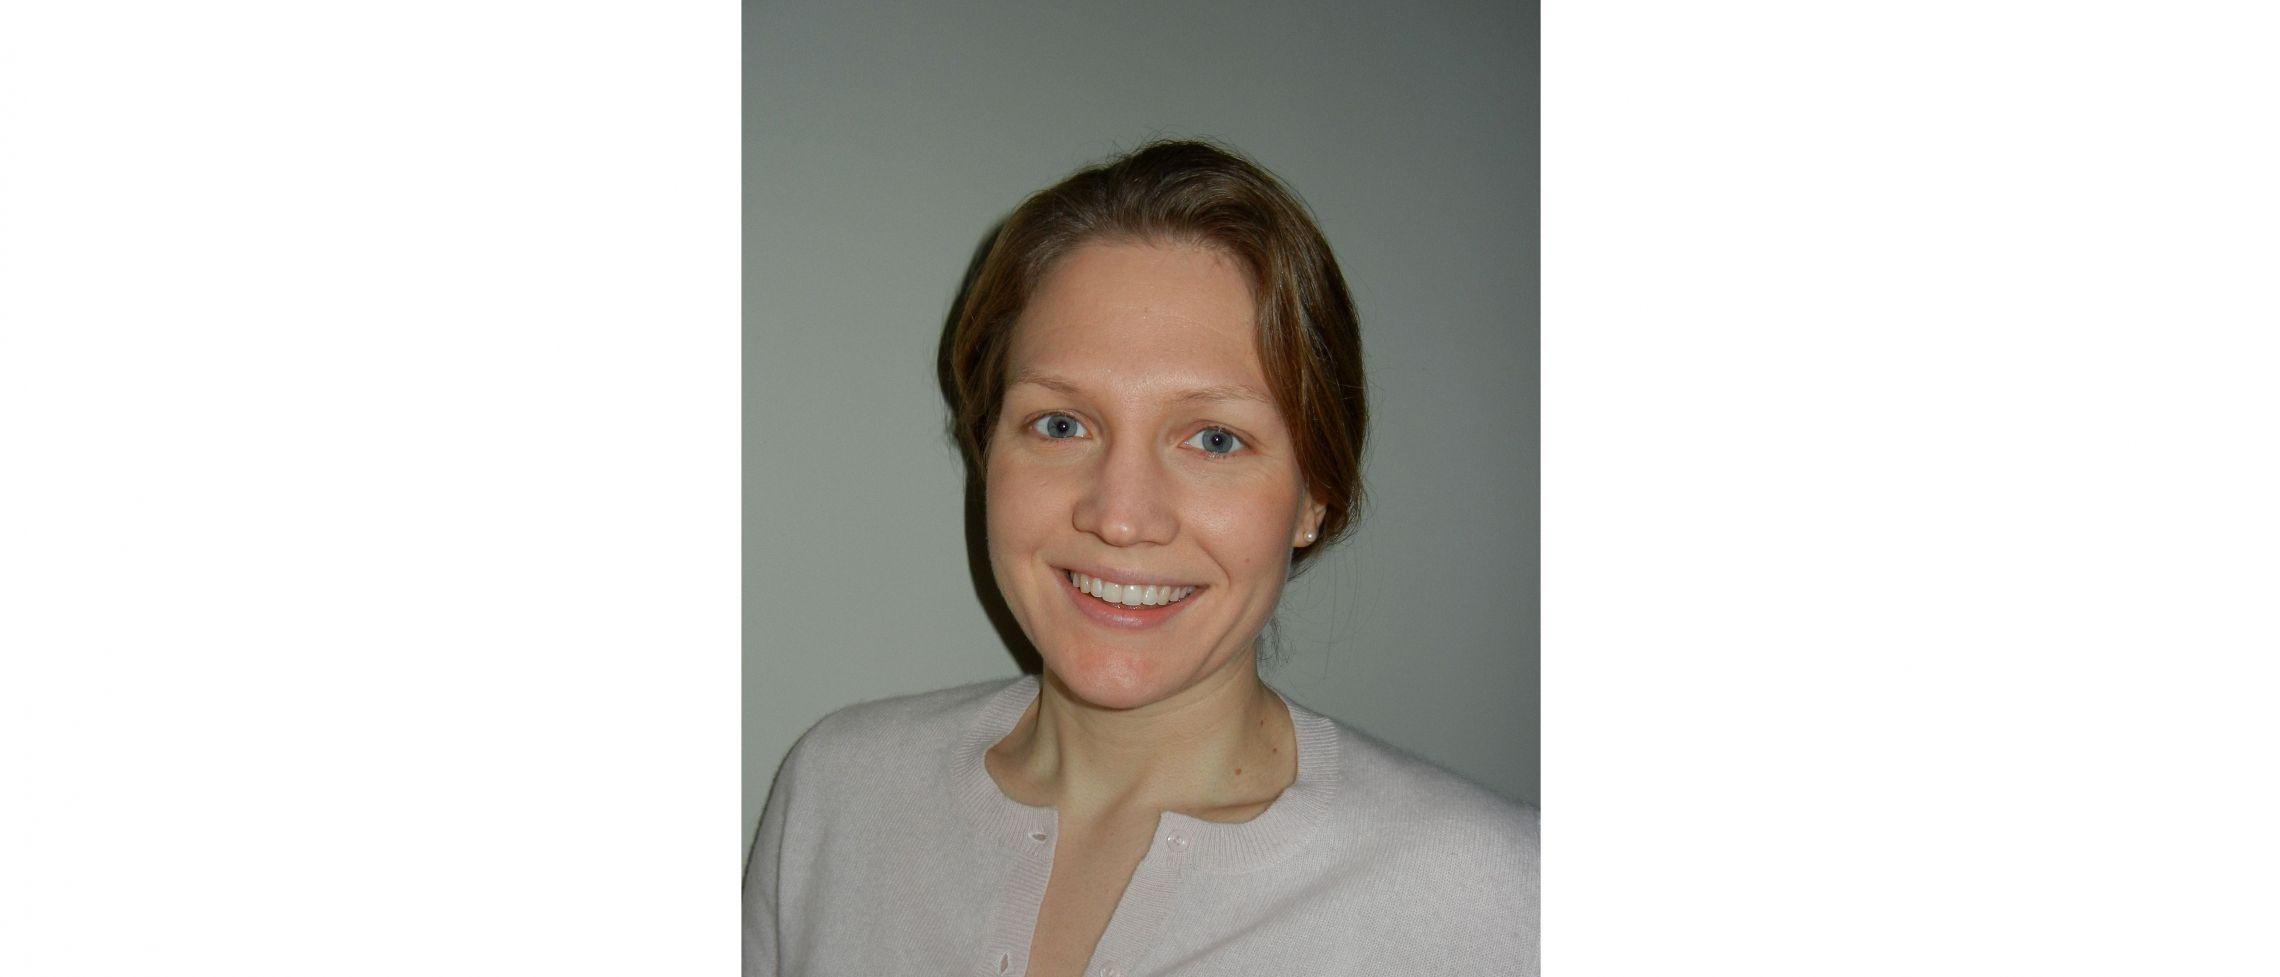 Orthodontist Philippa Rudge